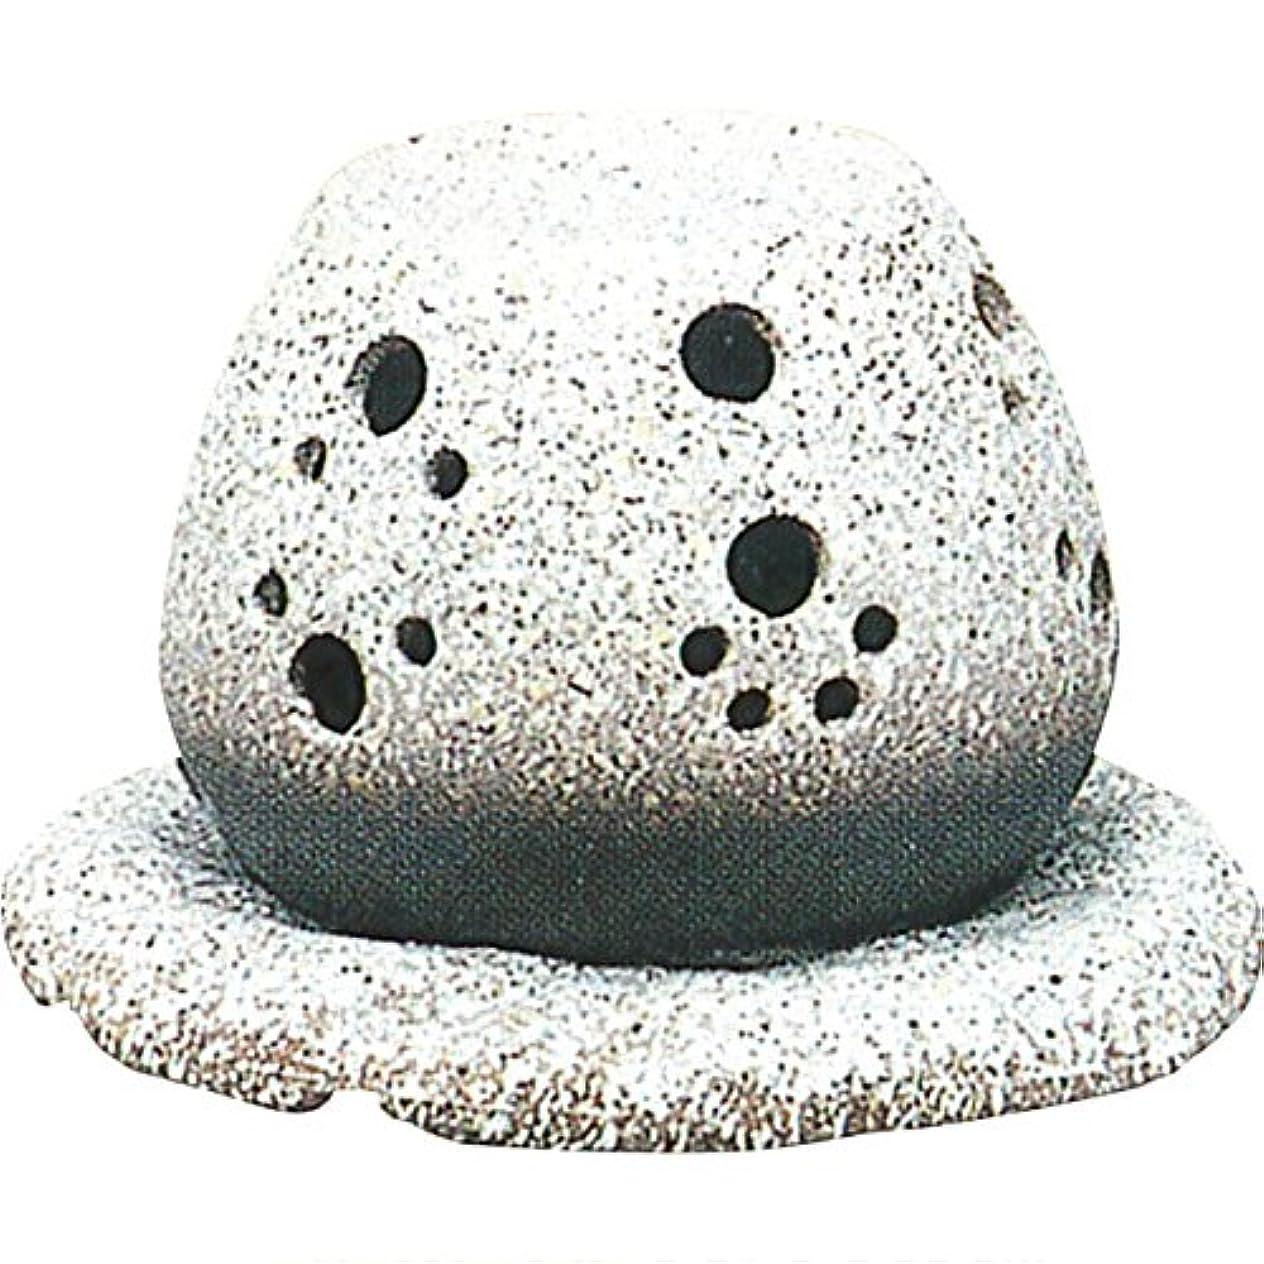 失望糞ごみ茶香炉 : 常滑焼 山房窯 ロウソクタイプ茶香炉 (白皿付?ロウソク1ヶ付)?ル35-05